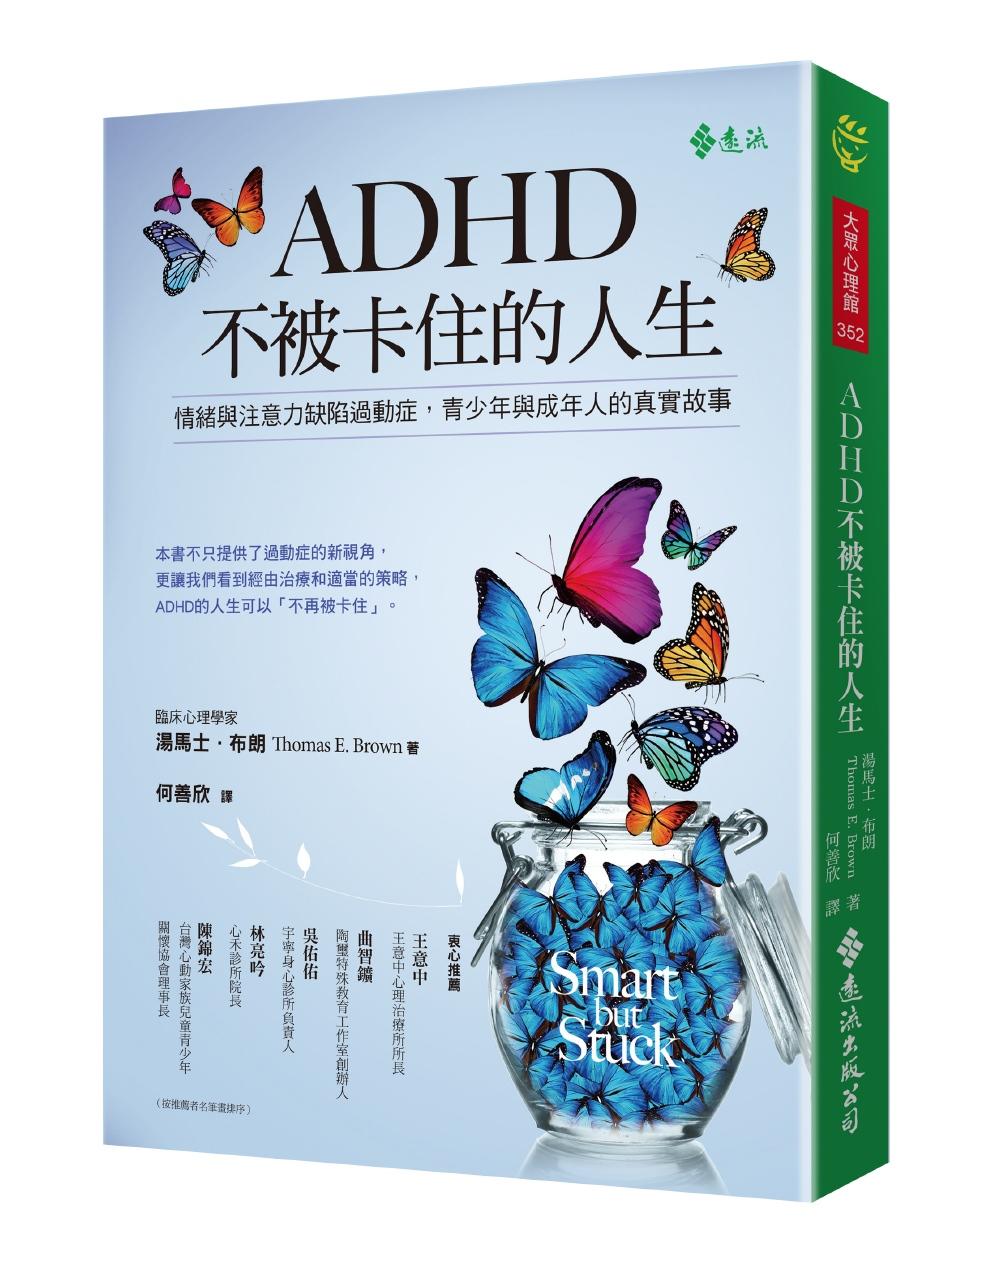 ADHD不被卡住...